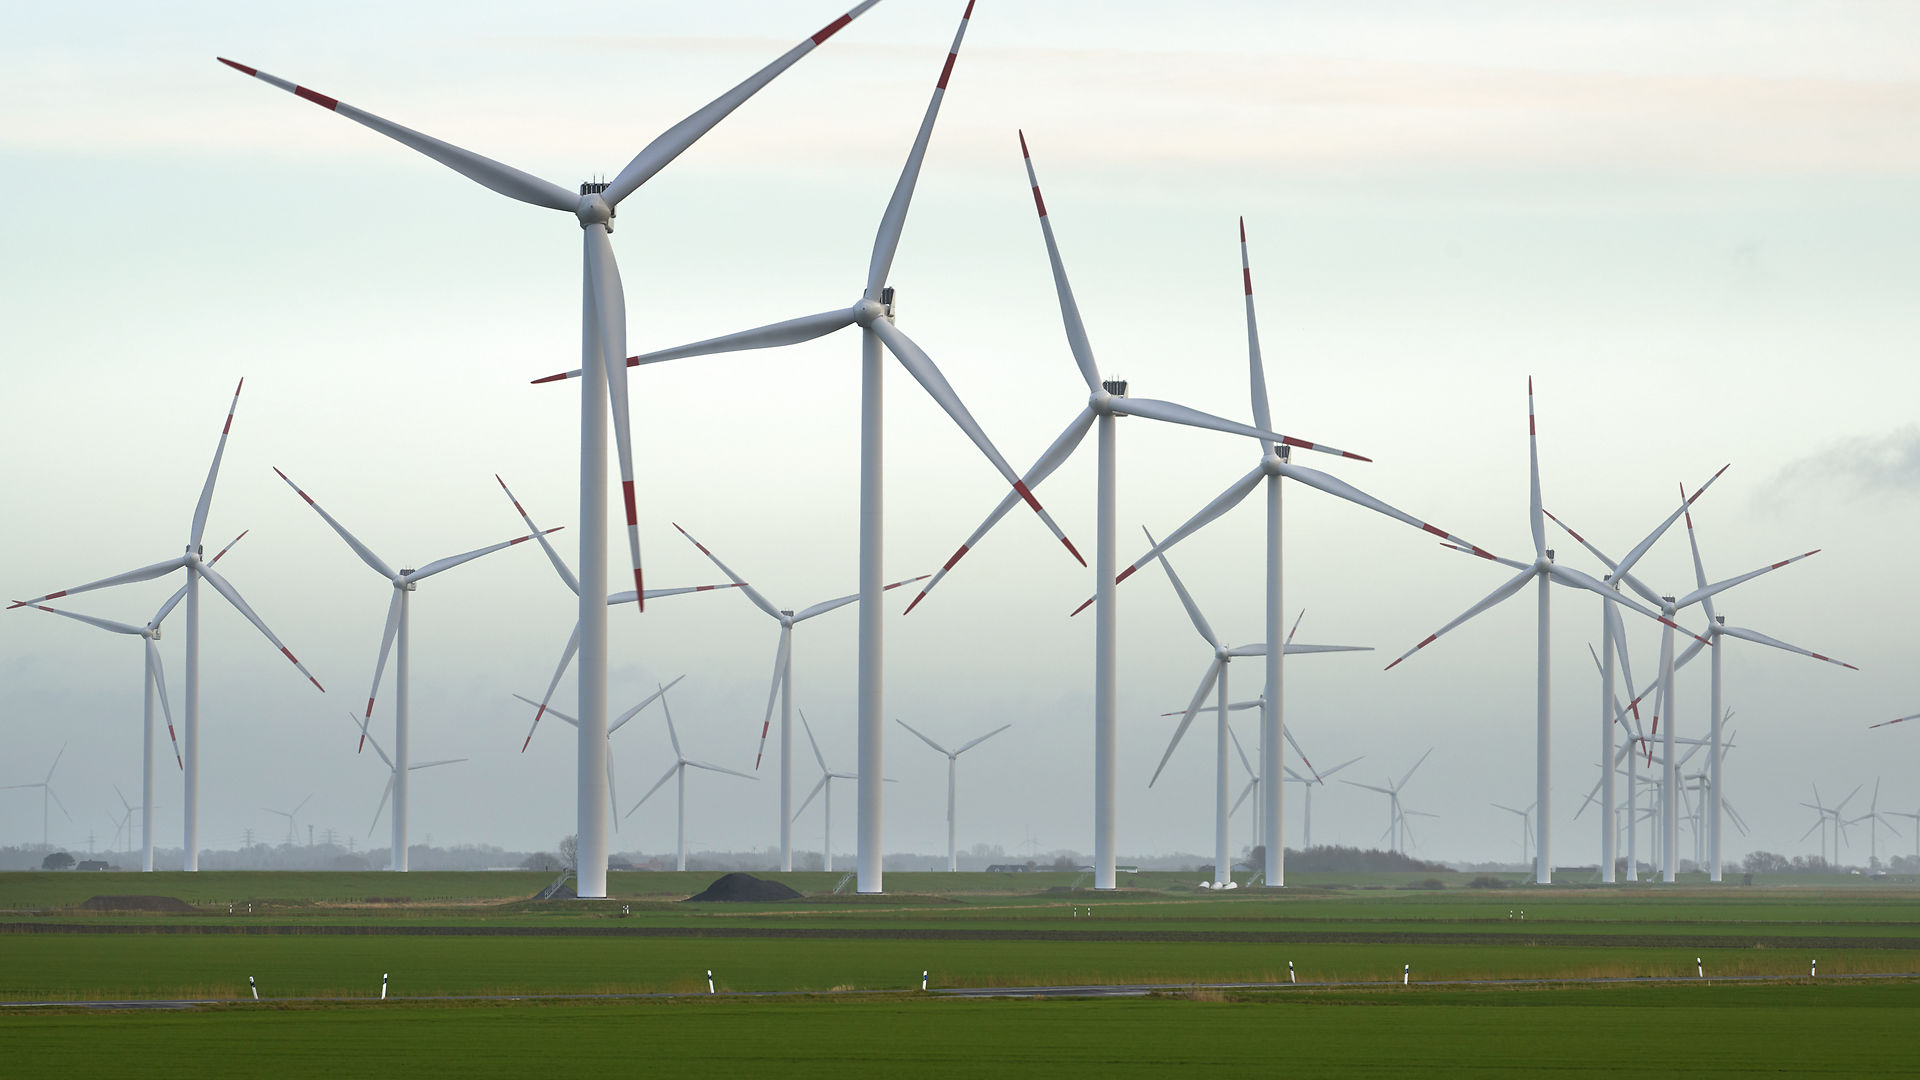 Søren Have om klimaloven: Det vil kræve mere radikale forandringer at nå de 70 pct., end nogen vil indrømme